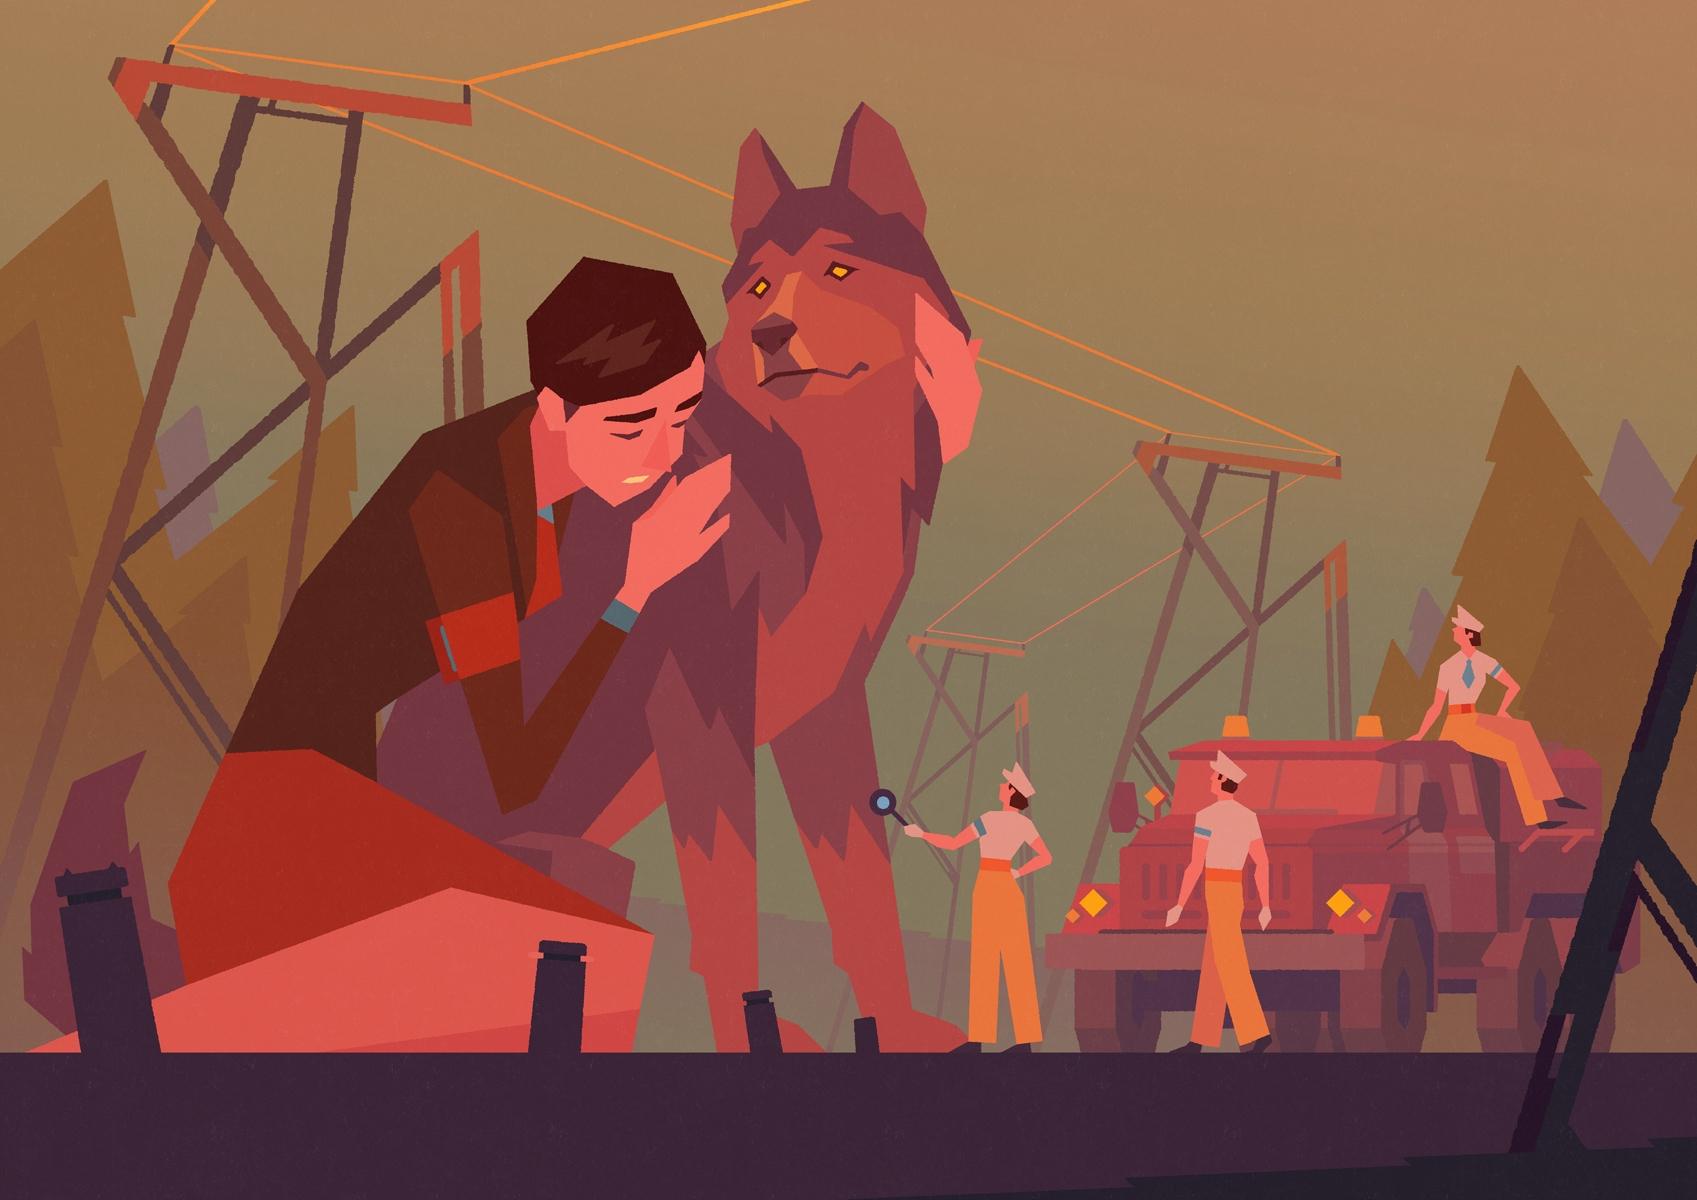 Art, Illustration, Dog, Girl - vlad_gusev | ello